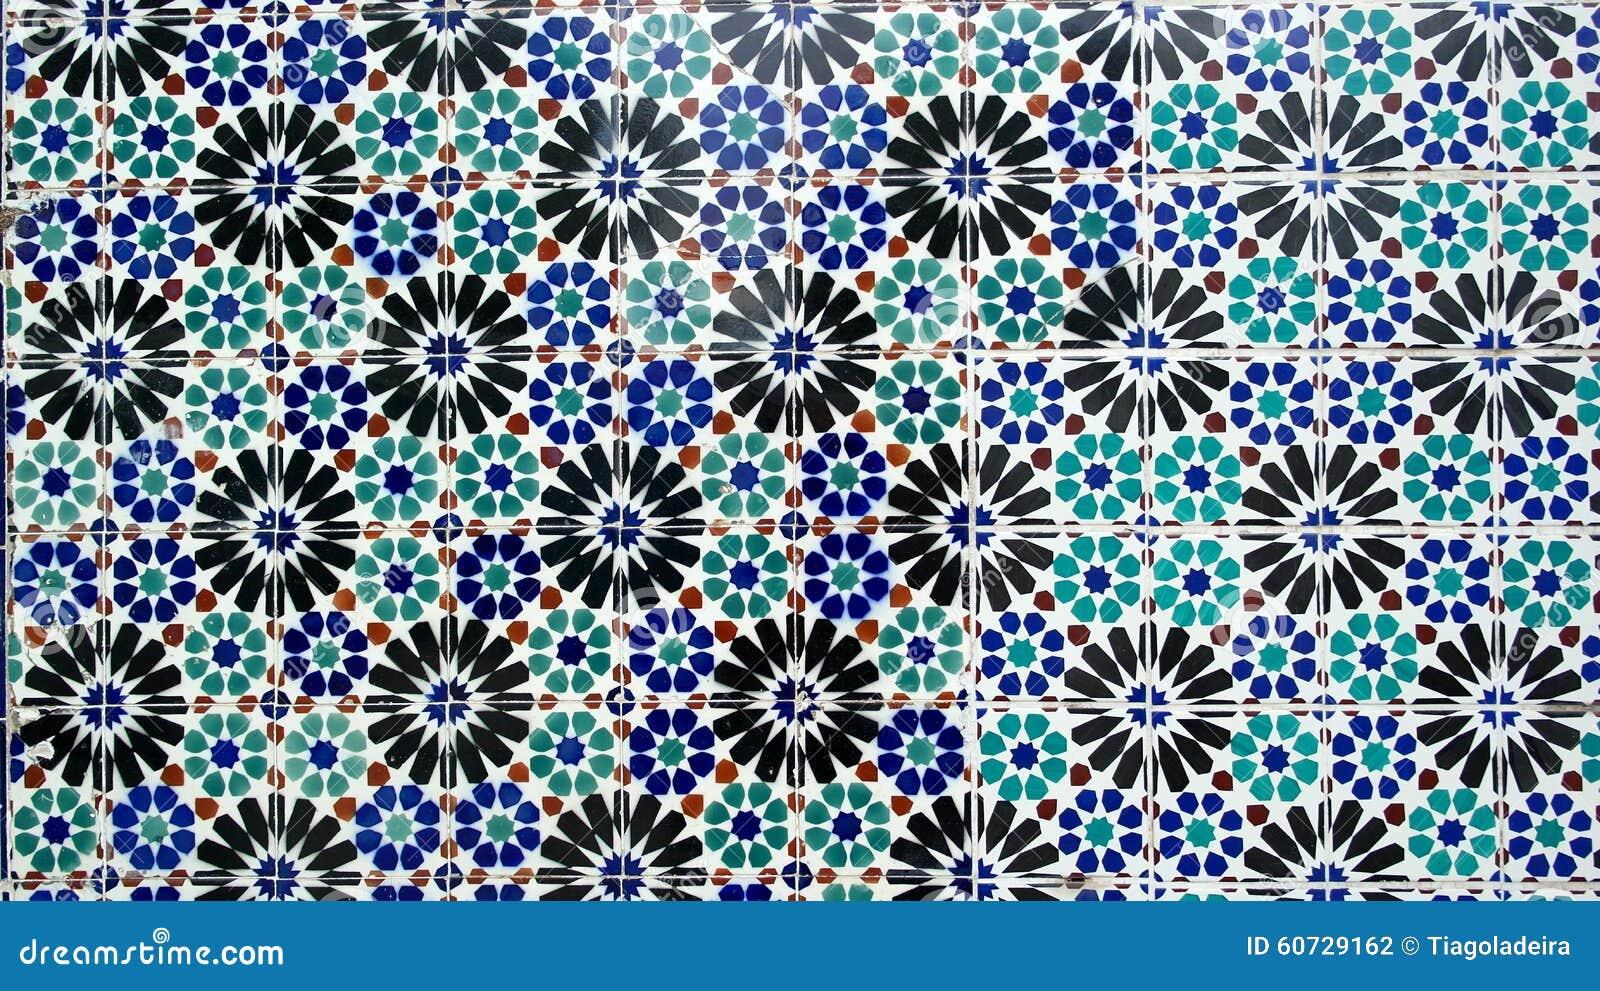 Azulejos Portugiesische Fliesen Lissabon Portugal Stockfoto - Portugiesische fliesen azulejos